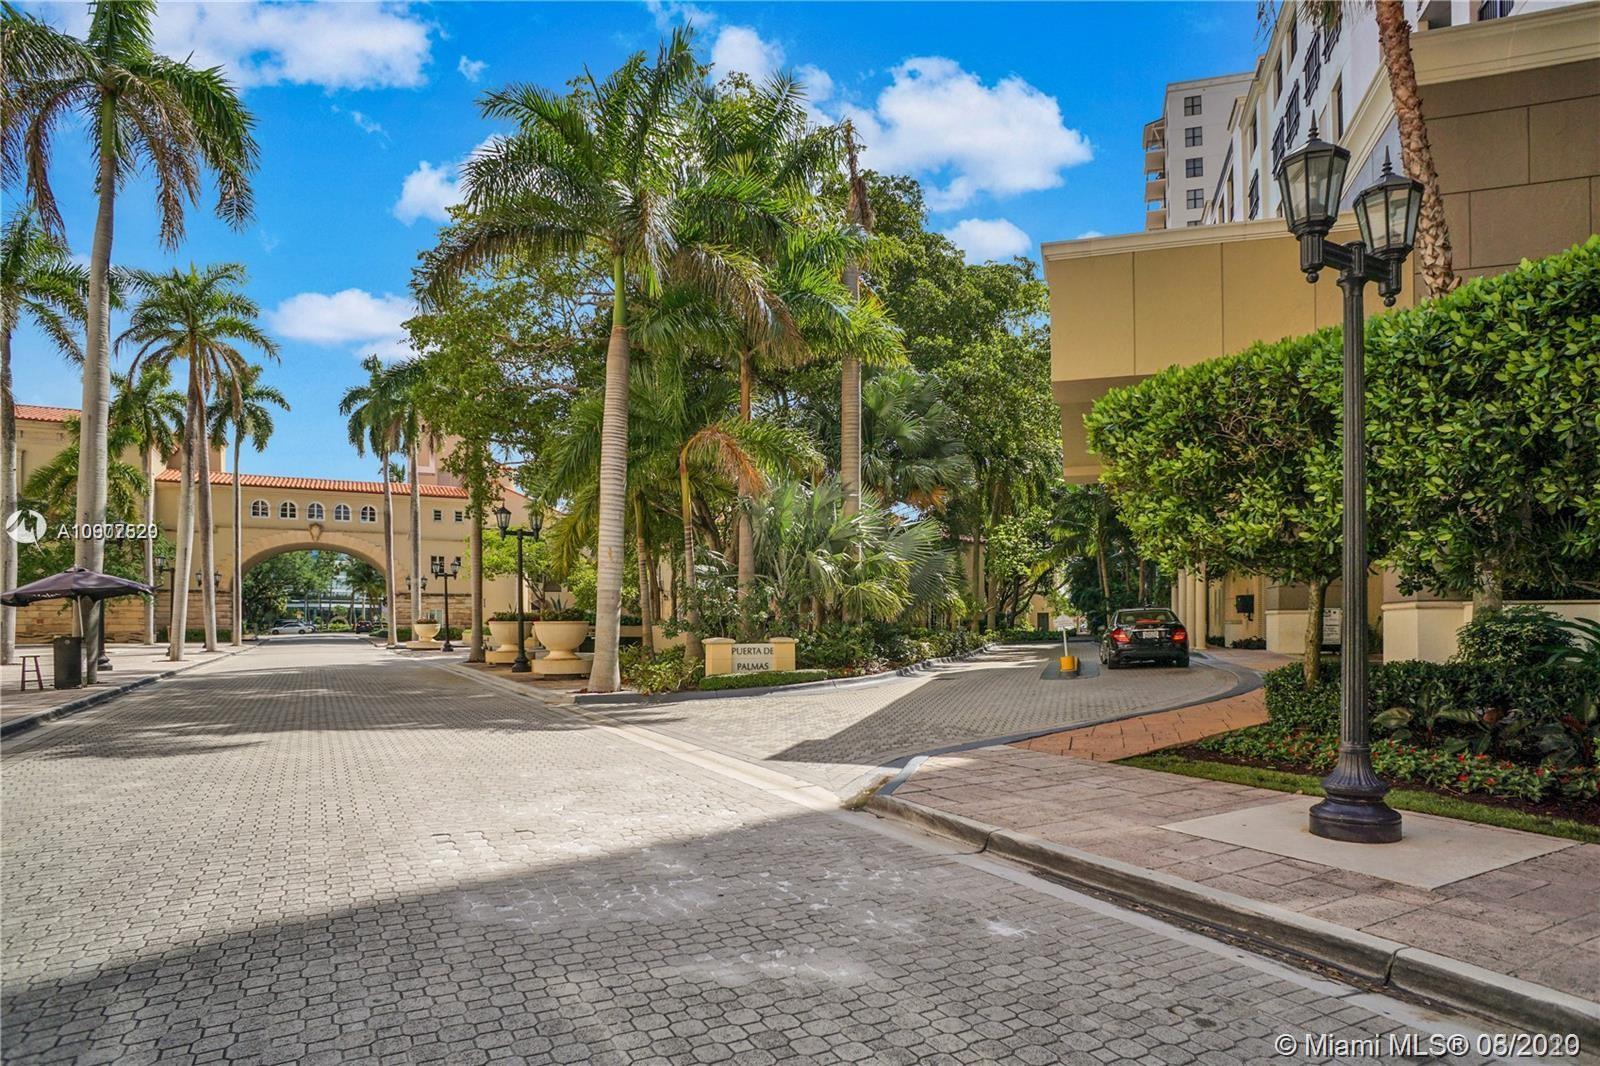 Puerta De Palmas #303 - 888 S Douglas Rd #303, Coral Gables, FL 33134